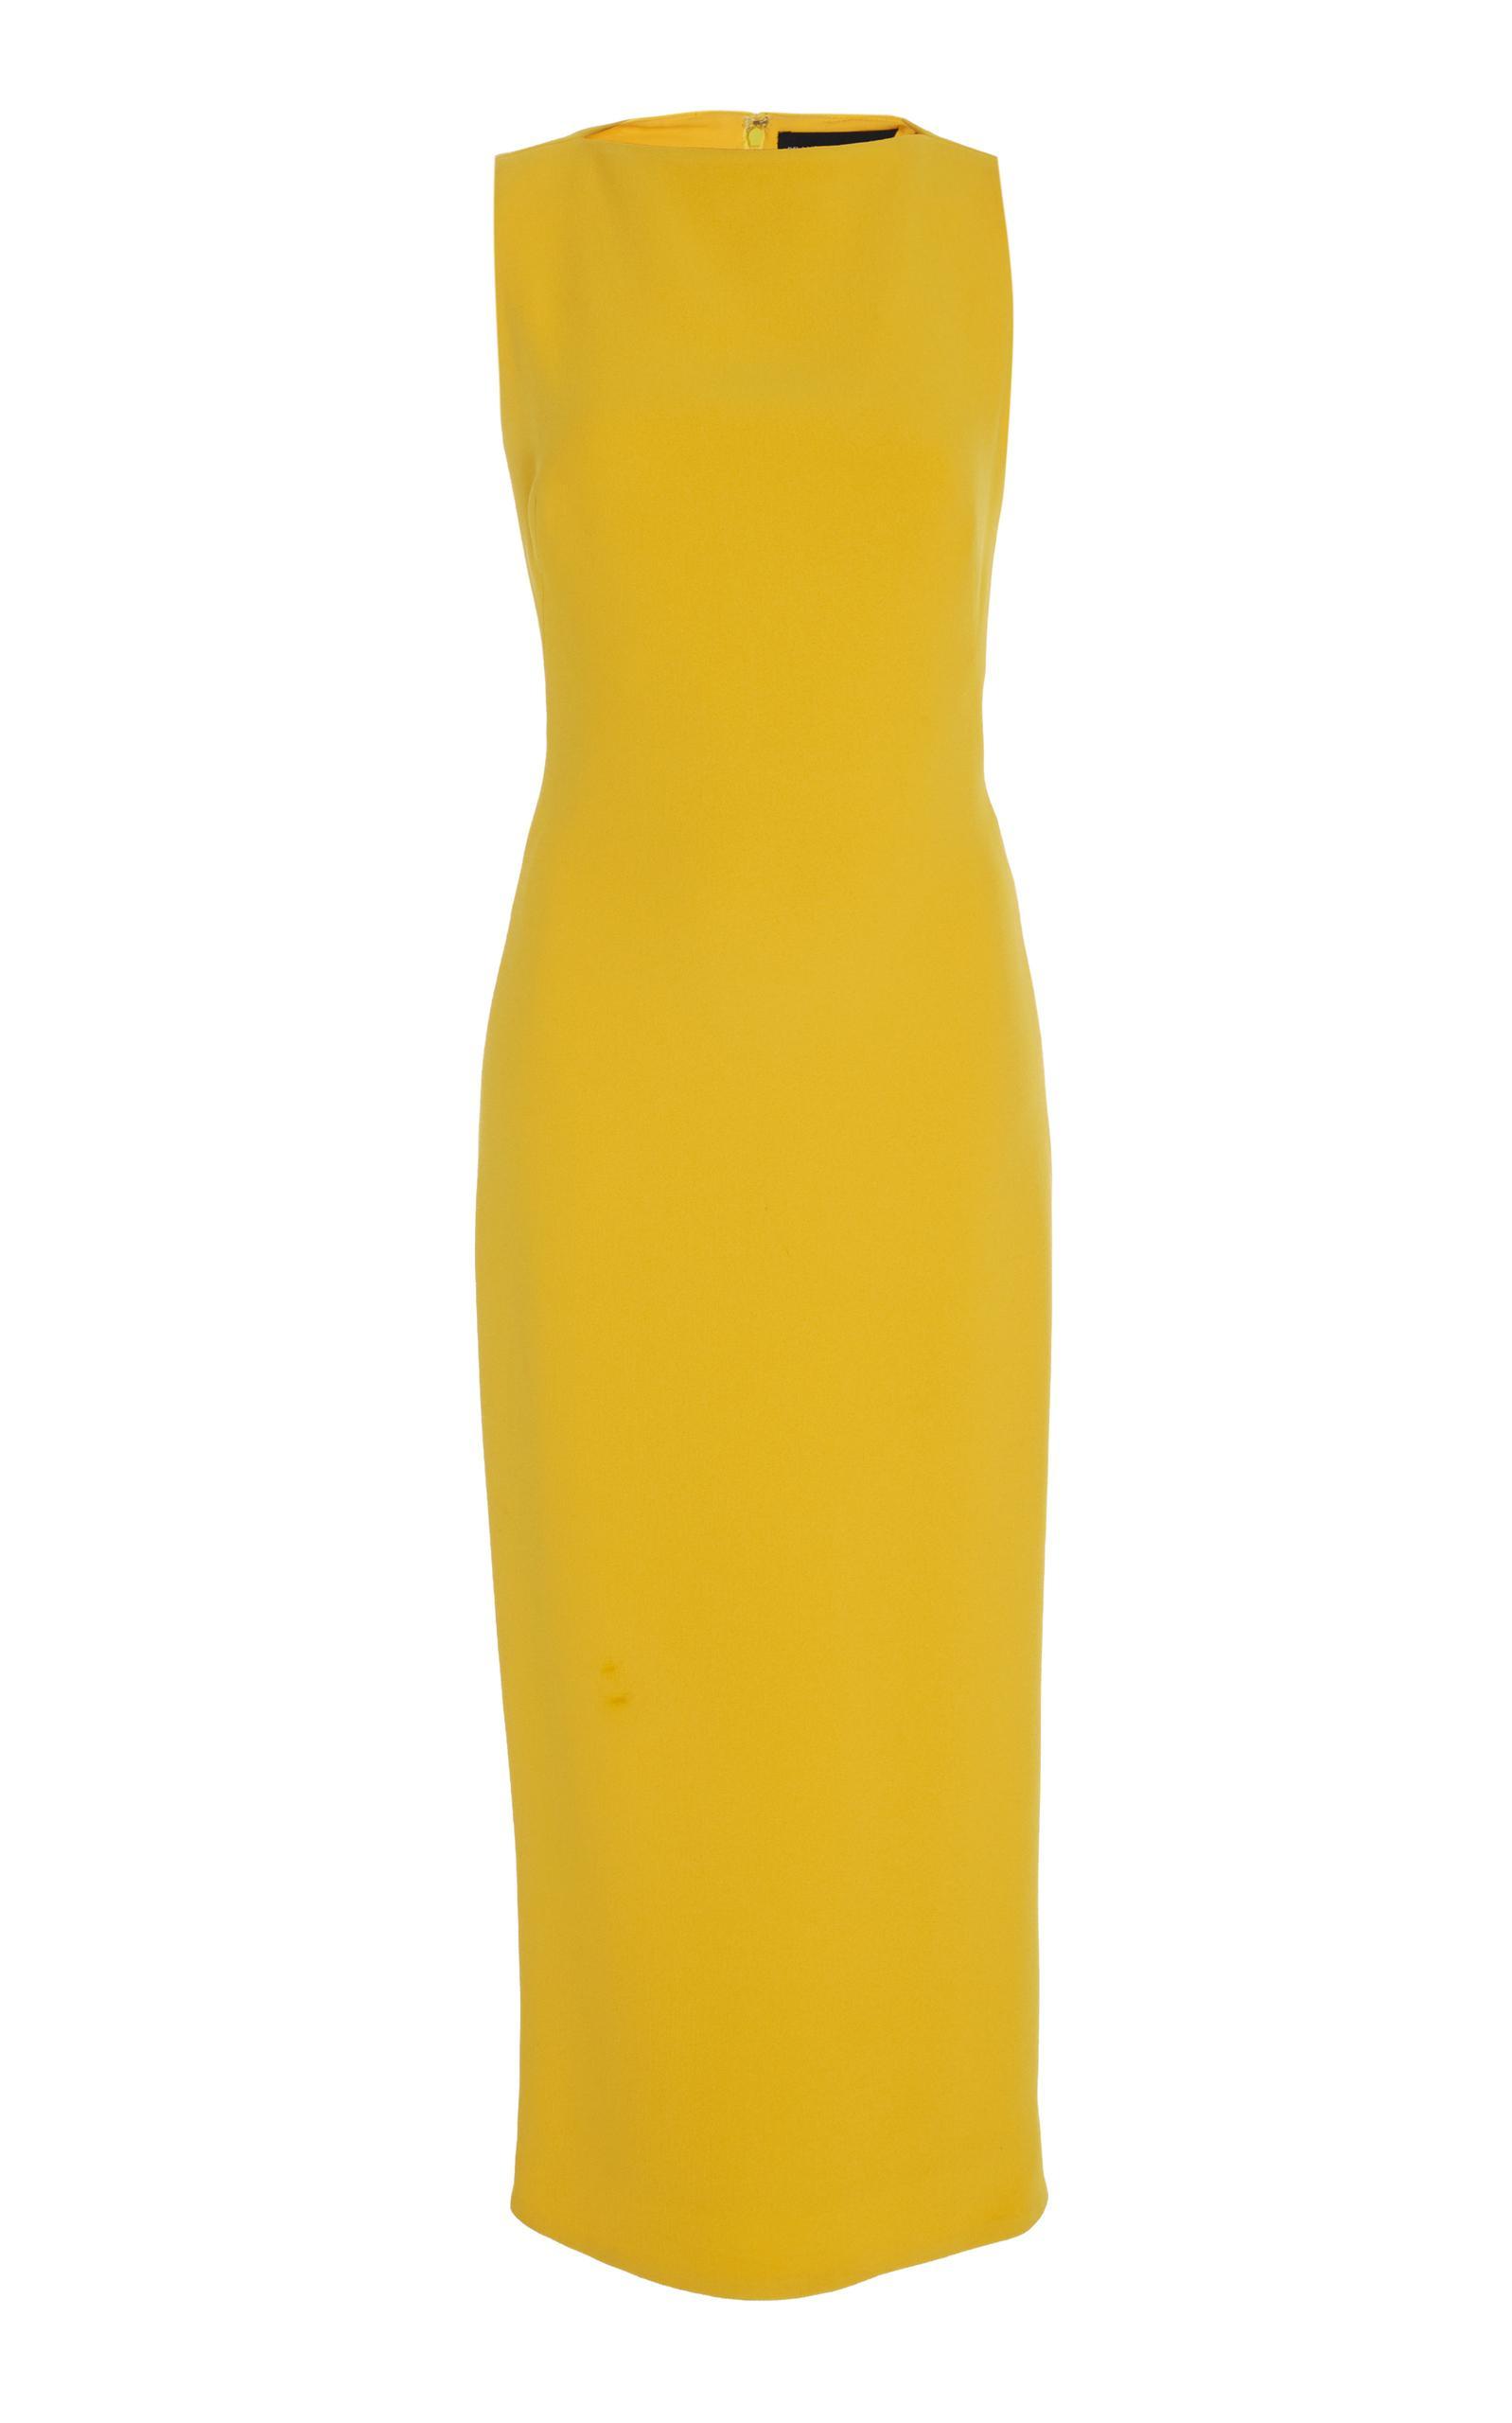 Brandon Maxwell Sleeveless Boat-Neck Double-Face Crepe Sheath Midi Dress In  Bright Yellow 5da7f5cdf